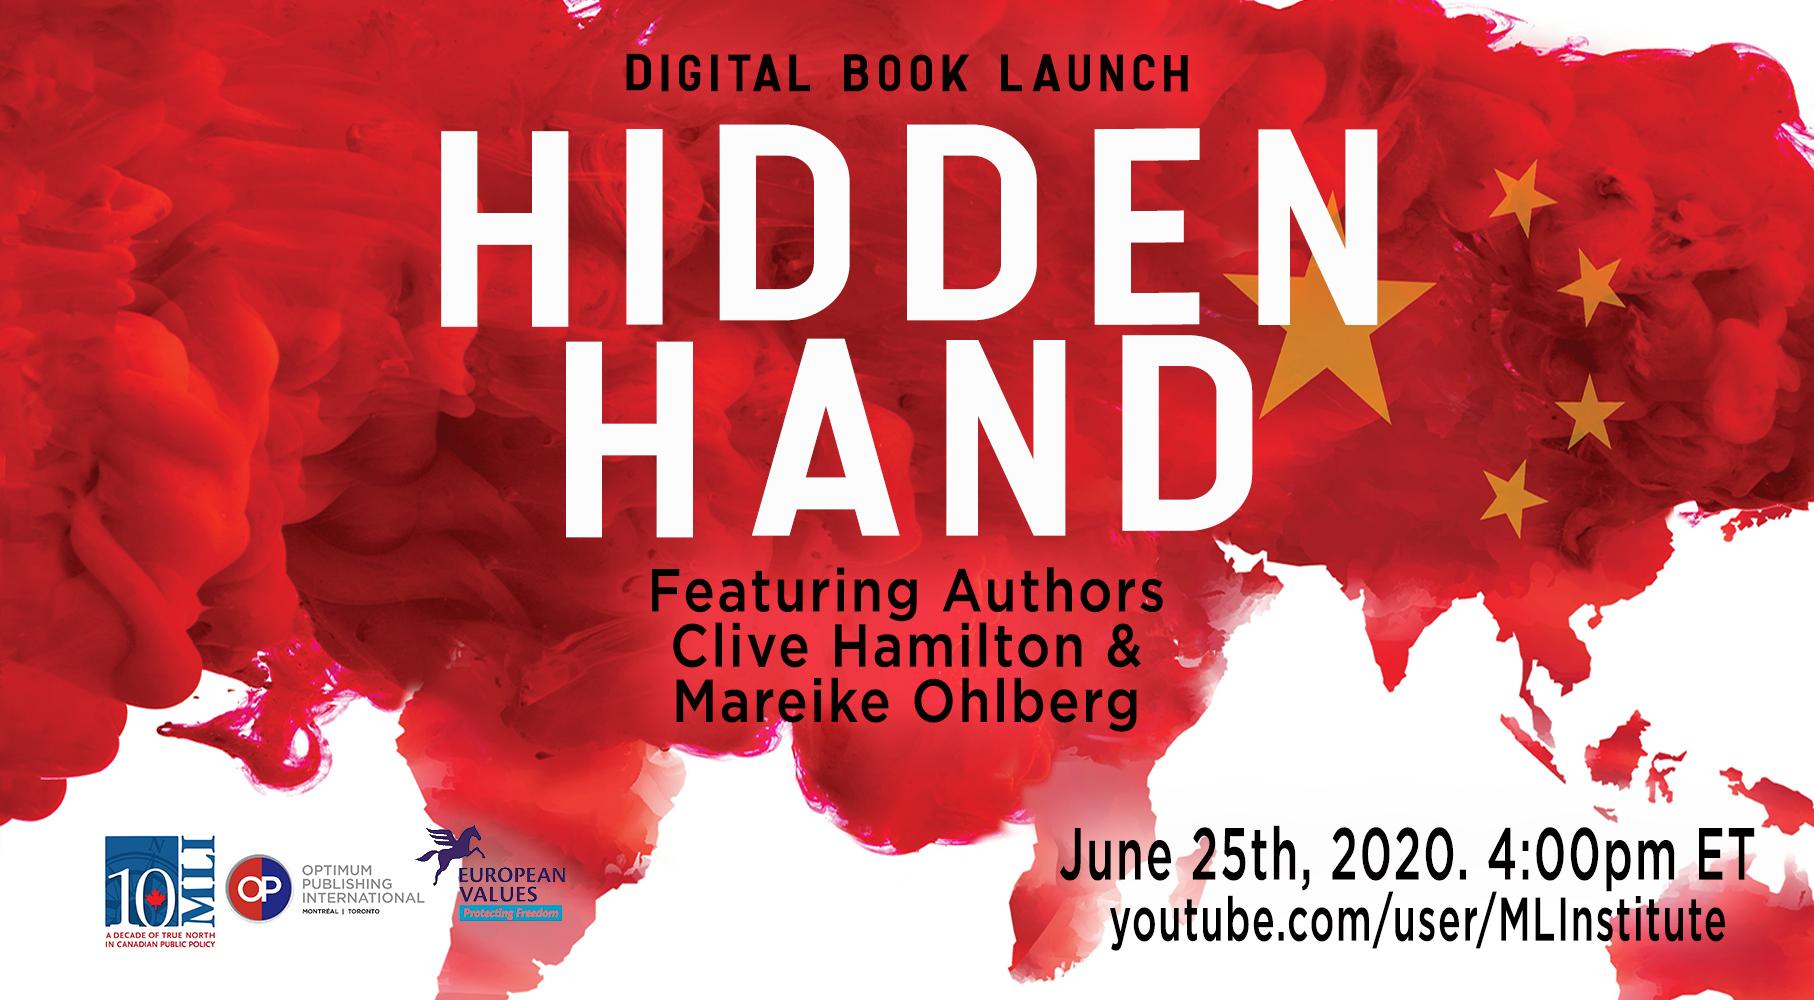 澳洲查理斯斯特大學(Charles Sturt University)公共道德系教授克萊夫·咸美頓(Clive Hamilton)和德國馬歇爾基金會亞洲項目高級研究員瑪麗·奧爾伯格(Mareike Ohlberg)聯合著作的《隱藏的手》(hidden Hand)電子書的加拿大發佈會於2020年6月25日在網上舉行。(MLI)